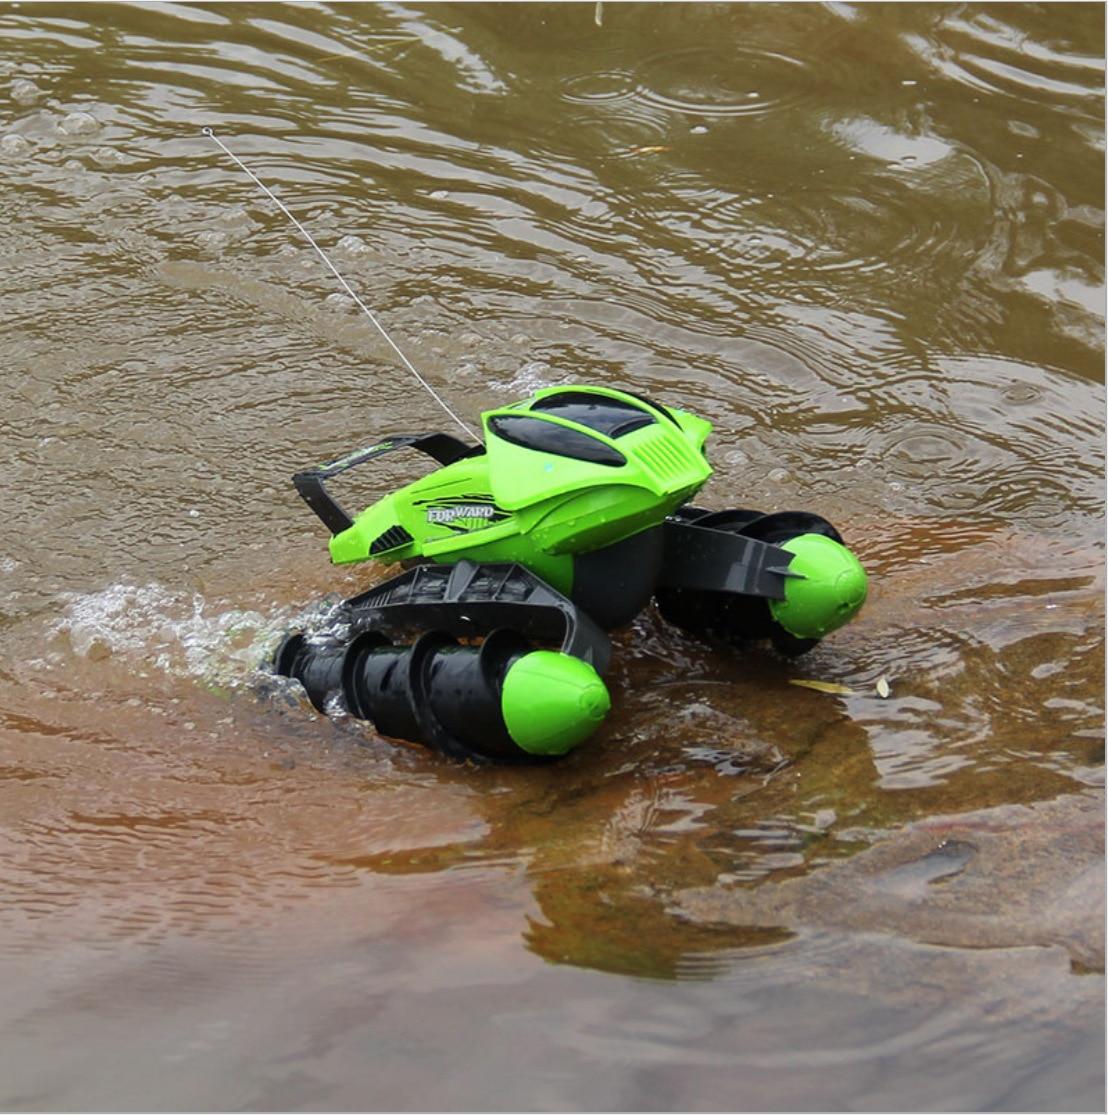 989-393 المركبات البرمائية ، المركبات المائية ، المركبات الشاطئية ، سيارات التحكم عن بعد ، ألعاب الأطفال ، المركبات على الطرق الوعرة وكبيرة t